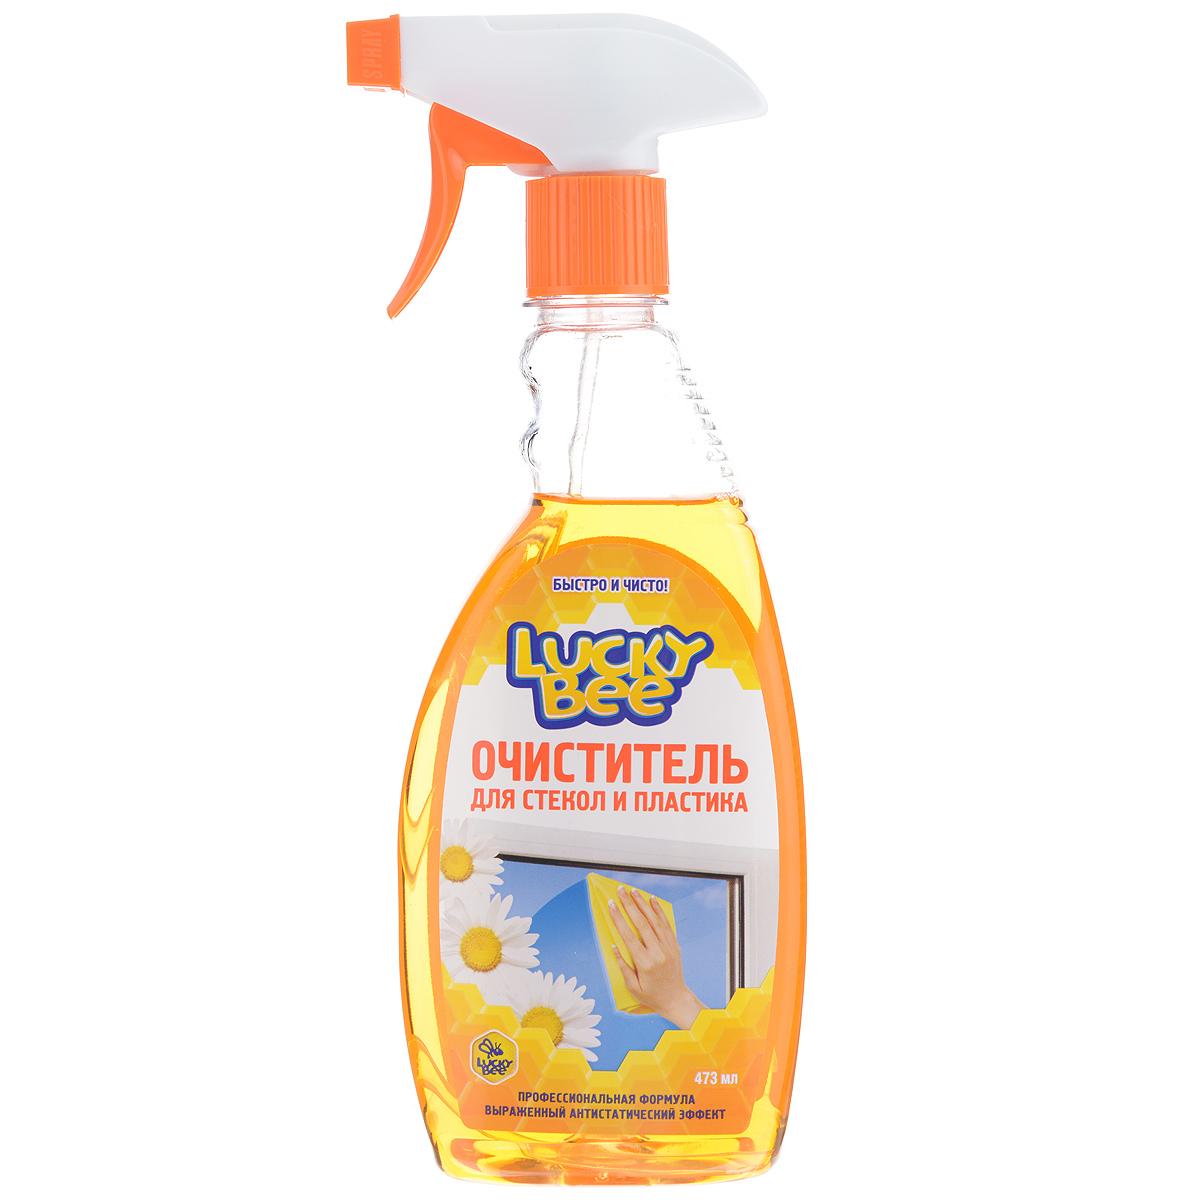 Очиститель Lucky Bee для стекол и пластика, 473 млLB7505Очиститель Lucky Bee быстро и эффективно очищает стеклянные и пластиковые поверхности от загрязнений, отпечатков пальцев, никотинового налета. Придает обработанной поверхности длительный антистатический эффект, обладает приятным свежим ароматом.Состав: деминерализованная вода, менее 30%: изопропанол, менее 5%: бутилцеллозольв, аммиак, ПАВ, антистатик, функциональные добавки, составляющие ноу-хау компании, краситель, отдушка. Товар сертифицирован.